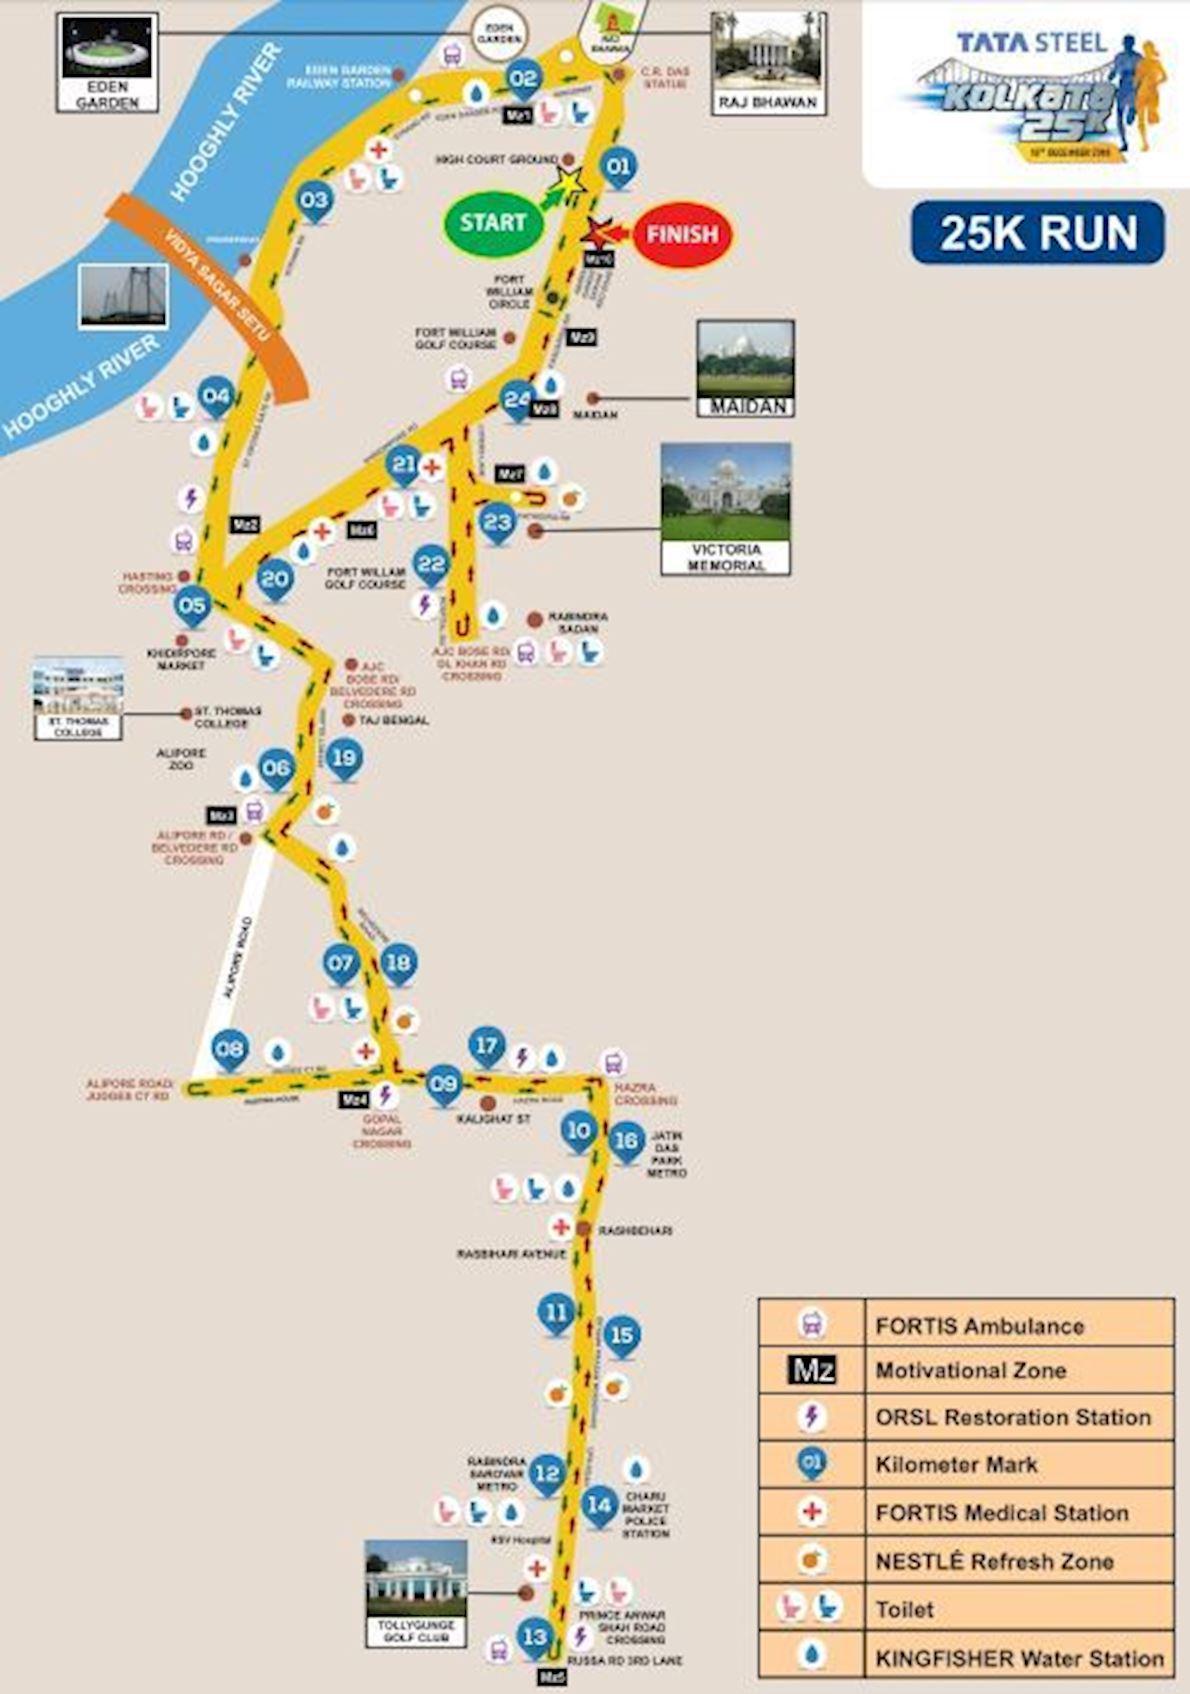 Tata Steel Kolkata 25k Routenkarte